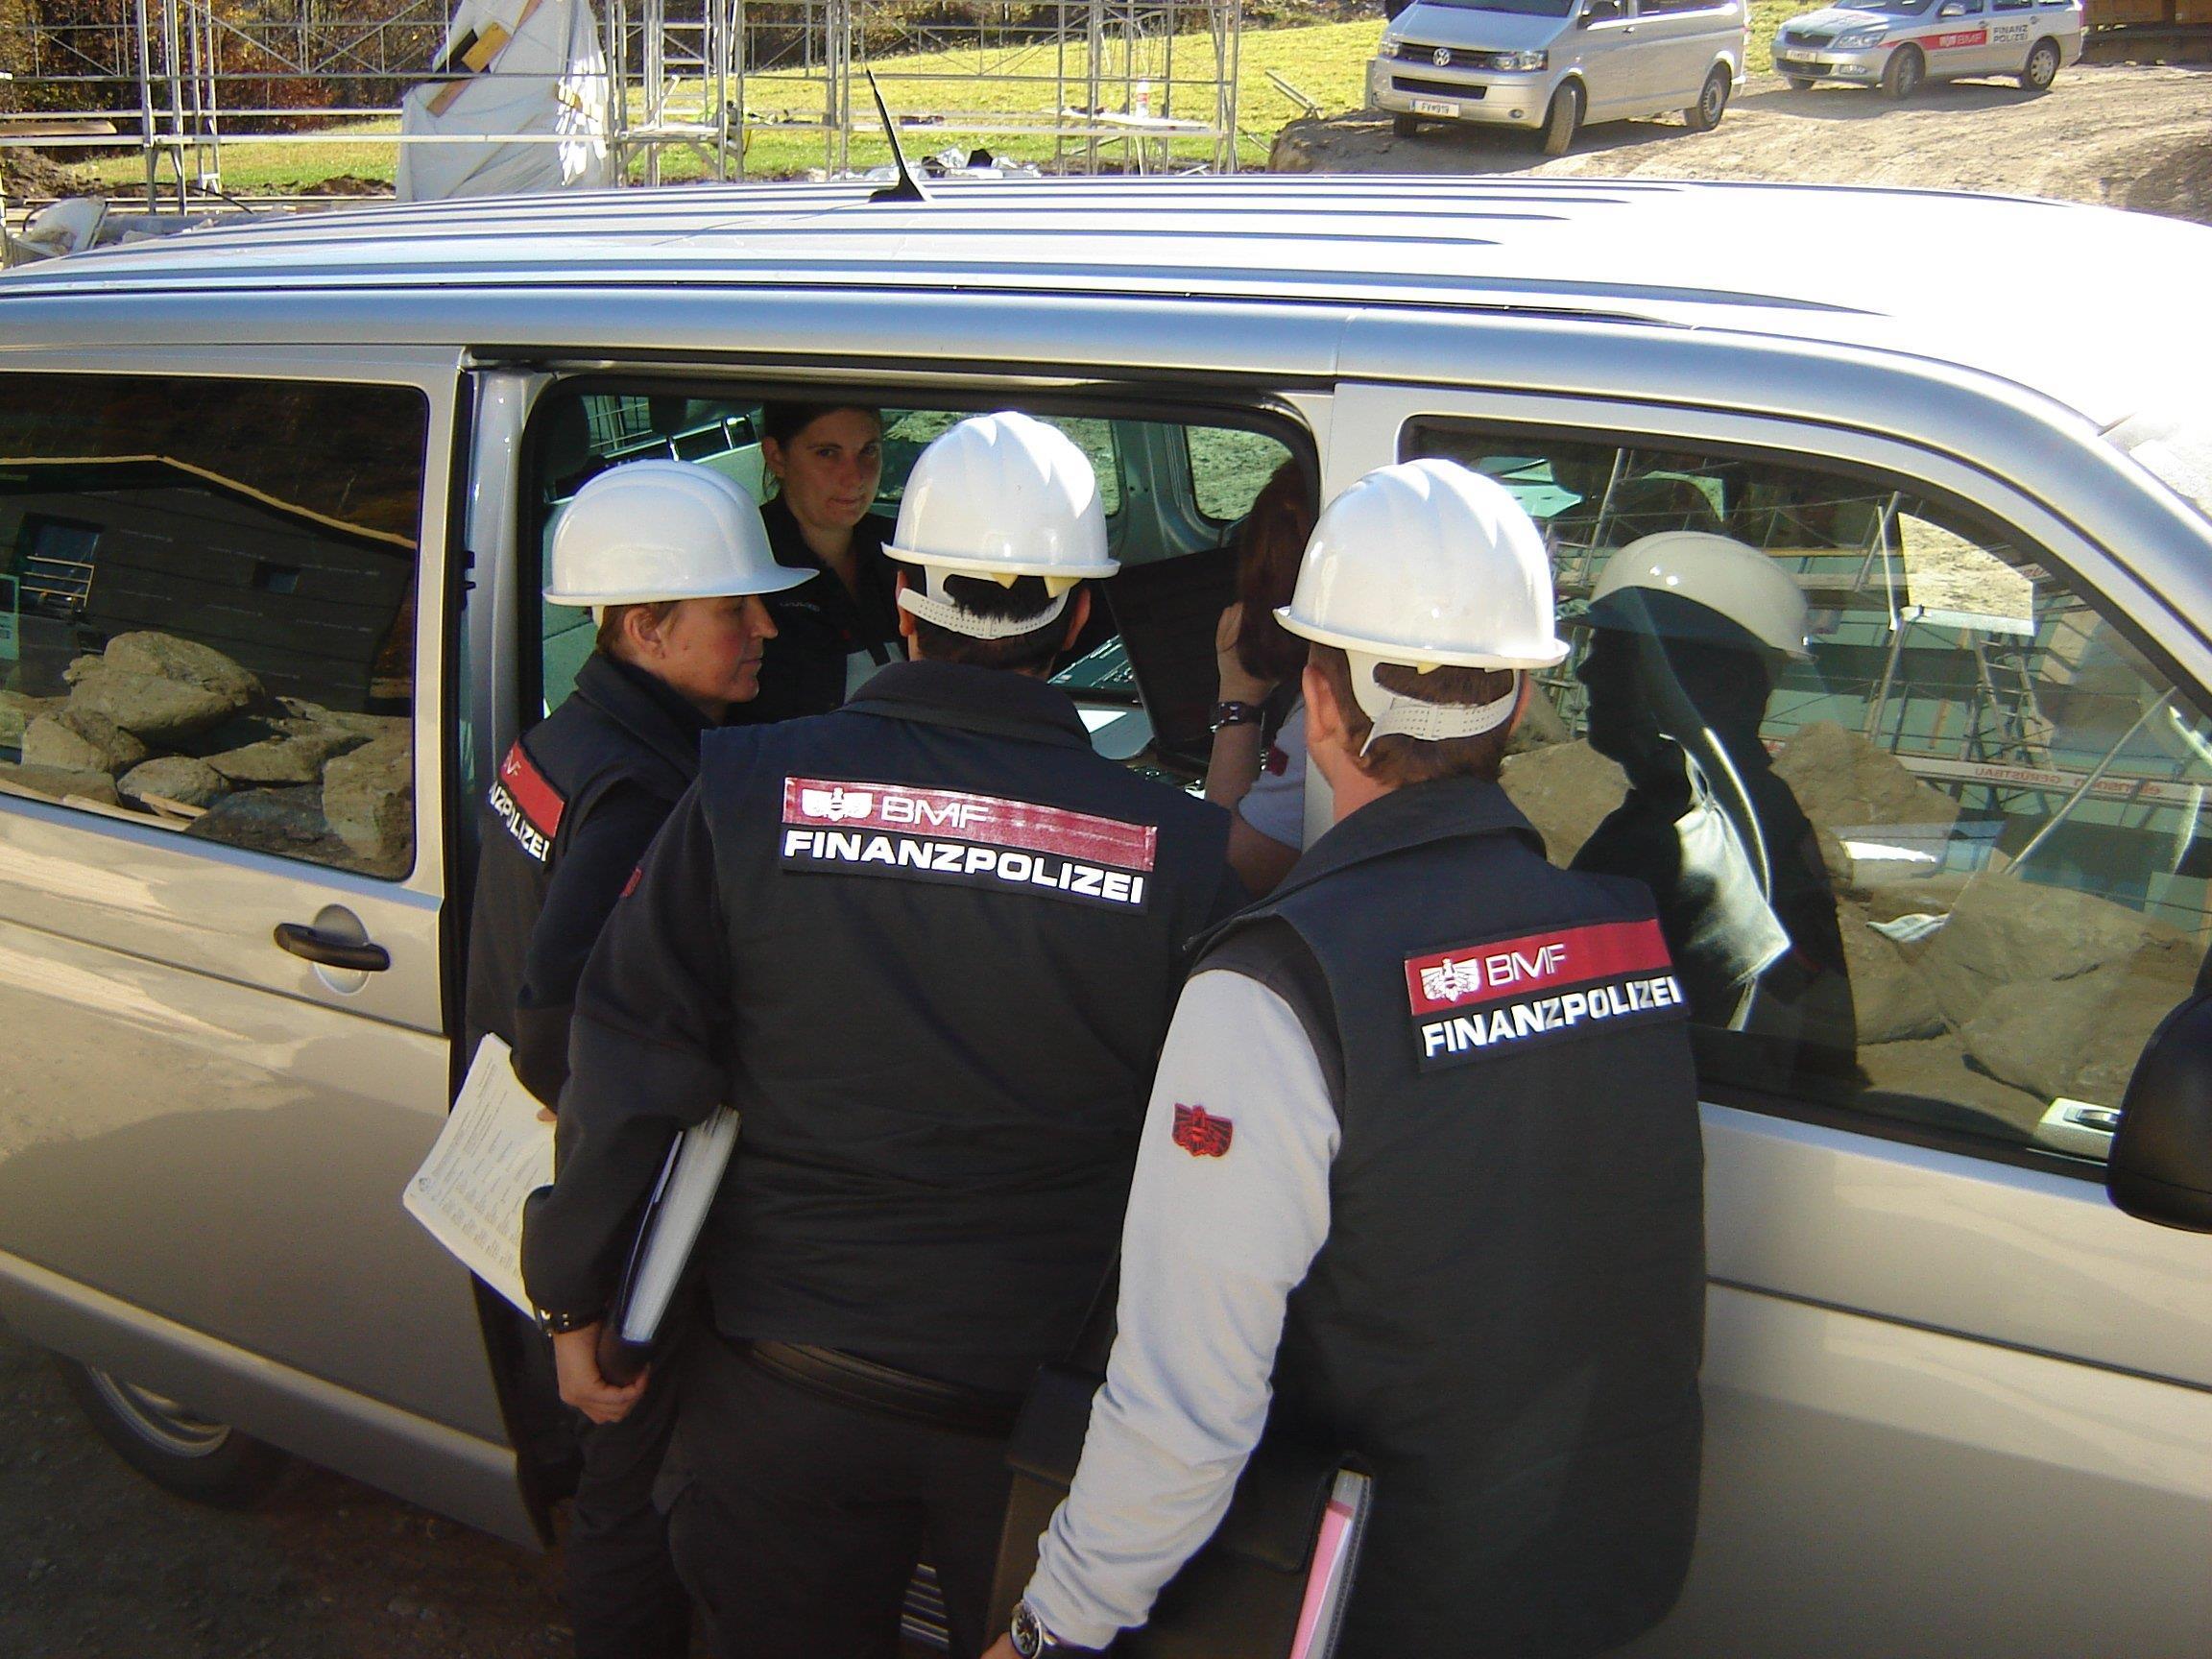 Razzia in Höchst: Billig Subunternehmer auf einer Vogewosi-Baustelle? (Symbolbild)